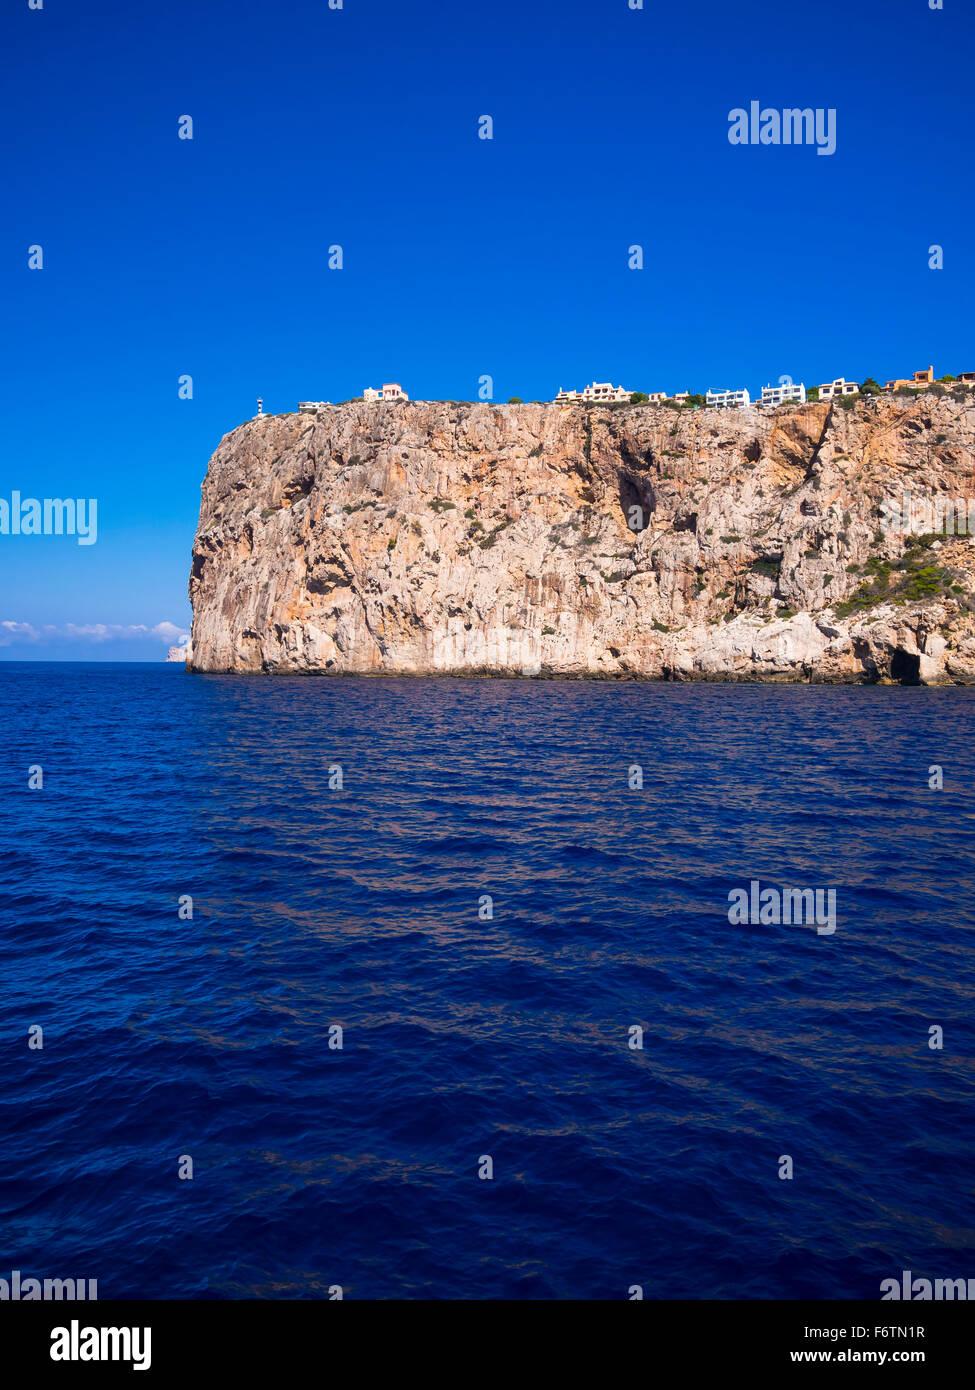 Spain, Mallorca, Cliff coast near Cap de sa Mola - Stock Image